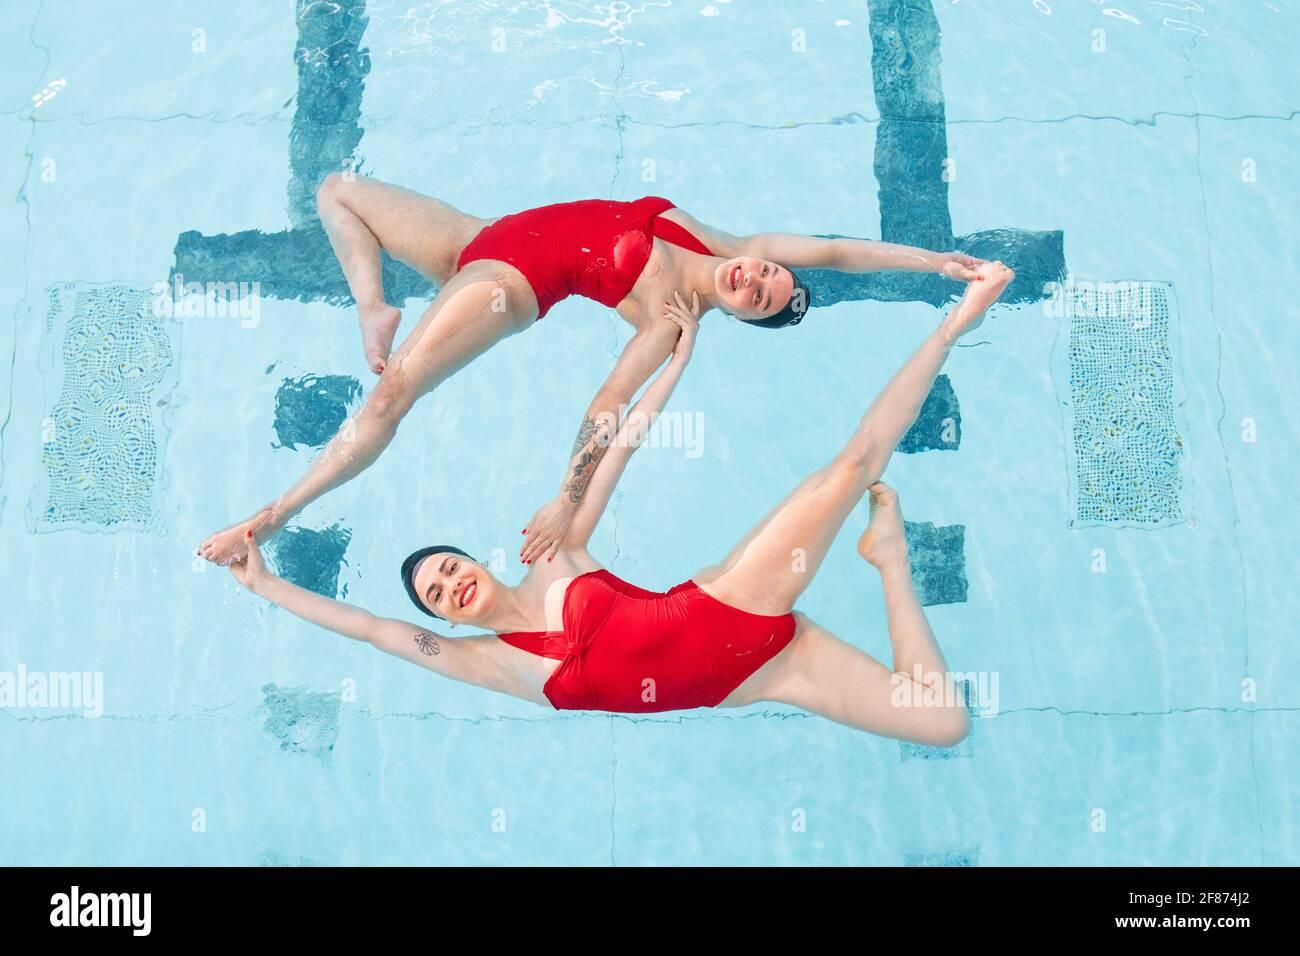 Rebecca Richardson (arriba) y Genevieve Florence, miembros del equipo de natación sincronizada Aquabatix durante una sesión de práctica en la piscina en el Centro de Ocio Clissold, al norte de Londres, que se ha reabierto al público mientras Inglaterra da otro paso hacia la normalidad con la mayor relajación de las restricciones de cierre. Fecha de la foto: Lunes 12 de abril de 2021. Foto de stock